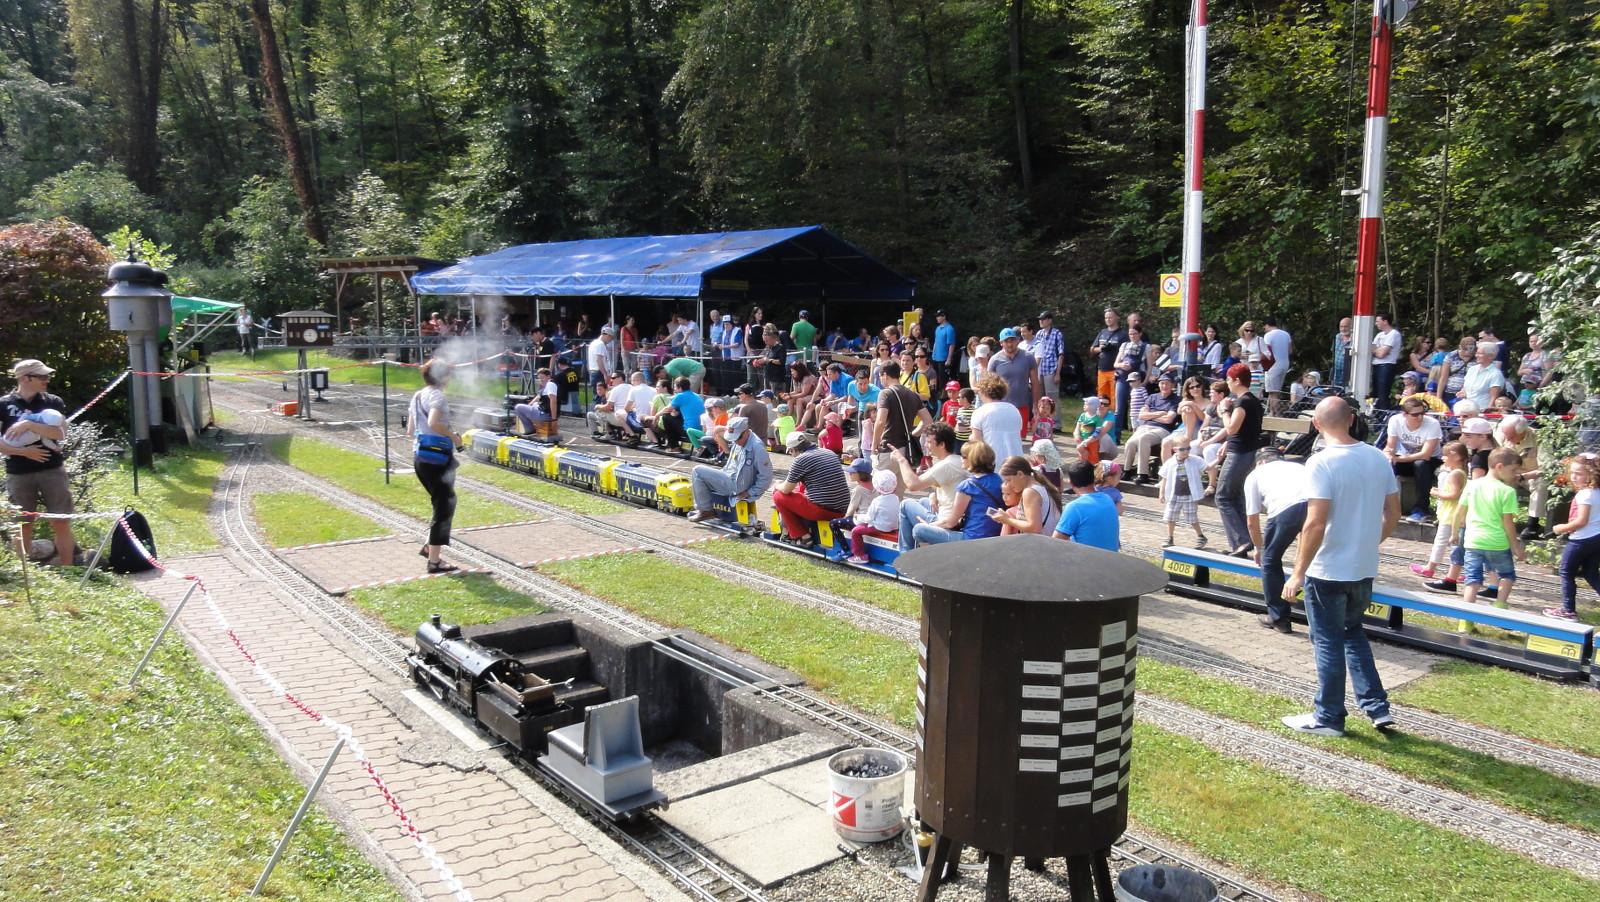 Viel Betrieb am Tag der offenen Barriere bei den Modellbahnfreunde in Glattfelden